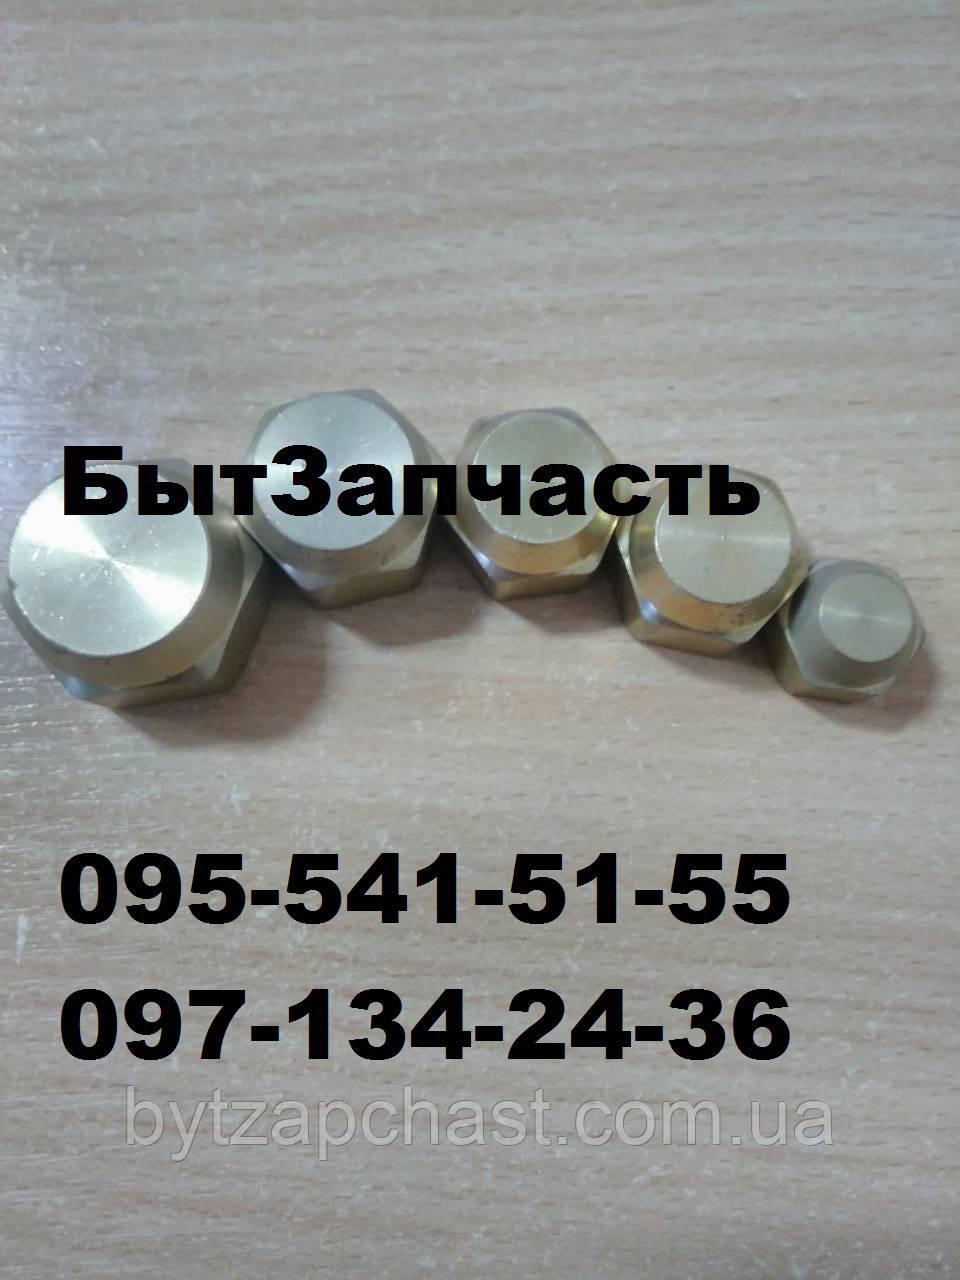 Заглушка 3/8 Харьков  - БытЗапчасть в Харькове